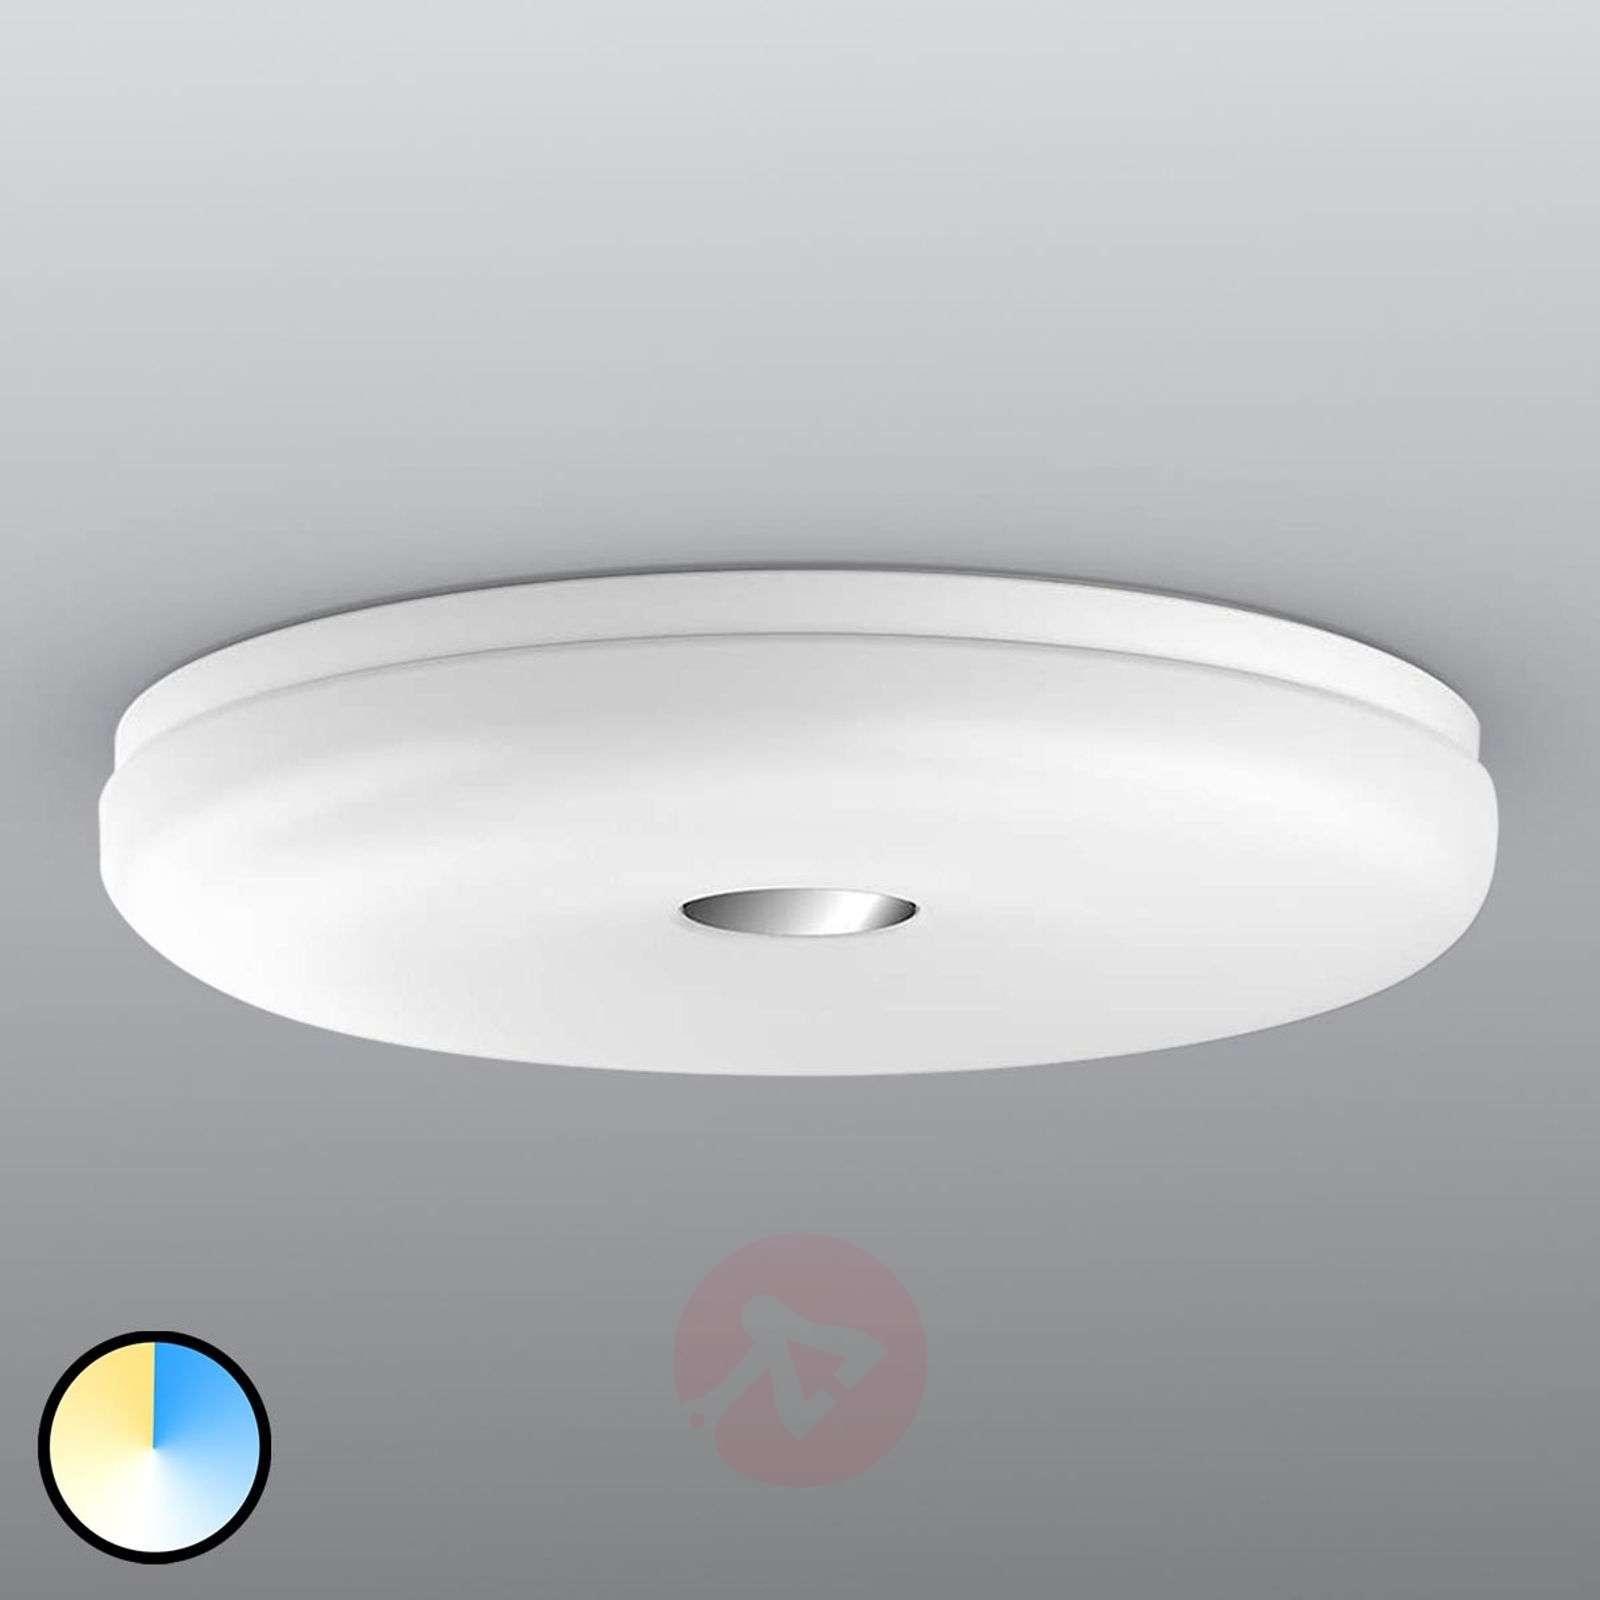 Philips Hue LED ceiling light Struana-7532038-01